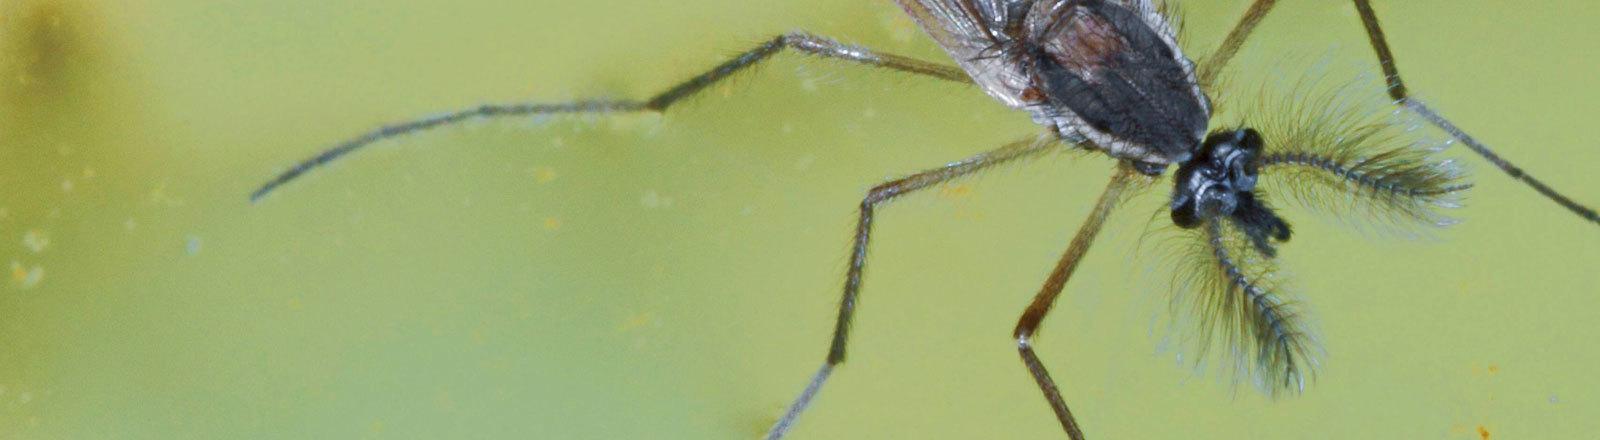 Büschelmücke